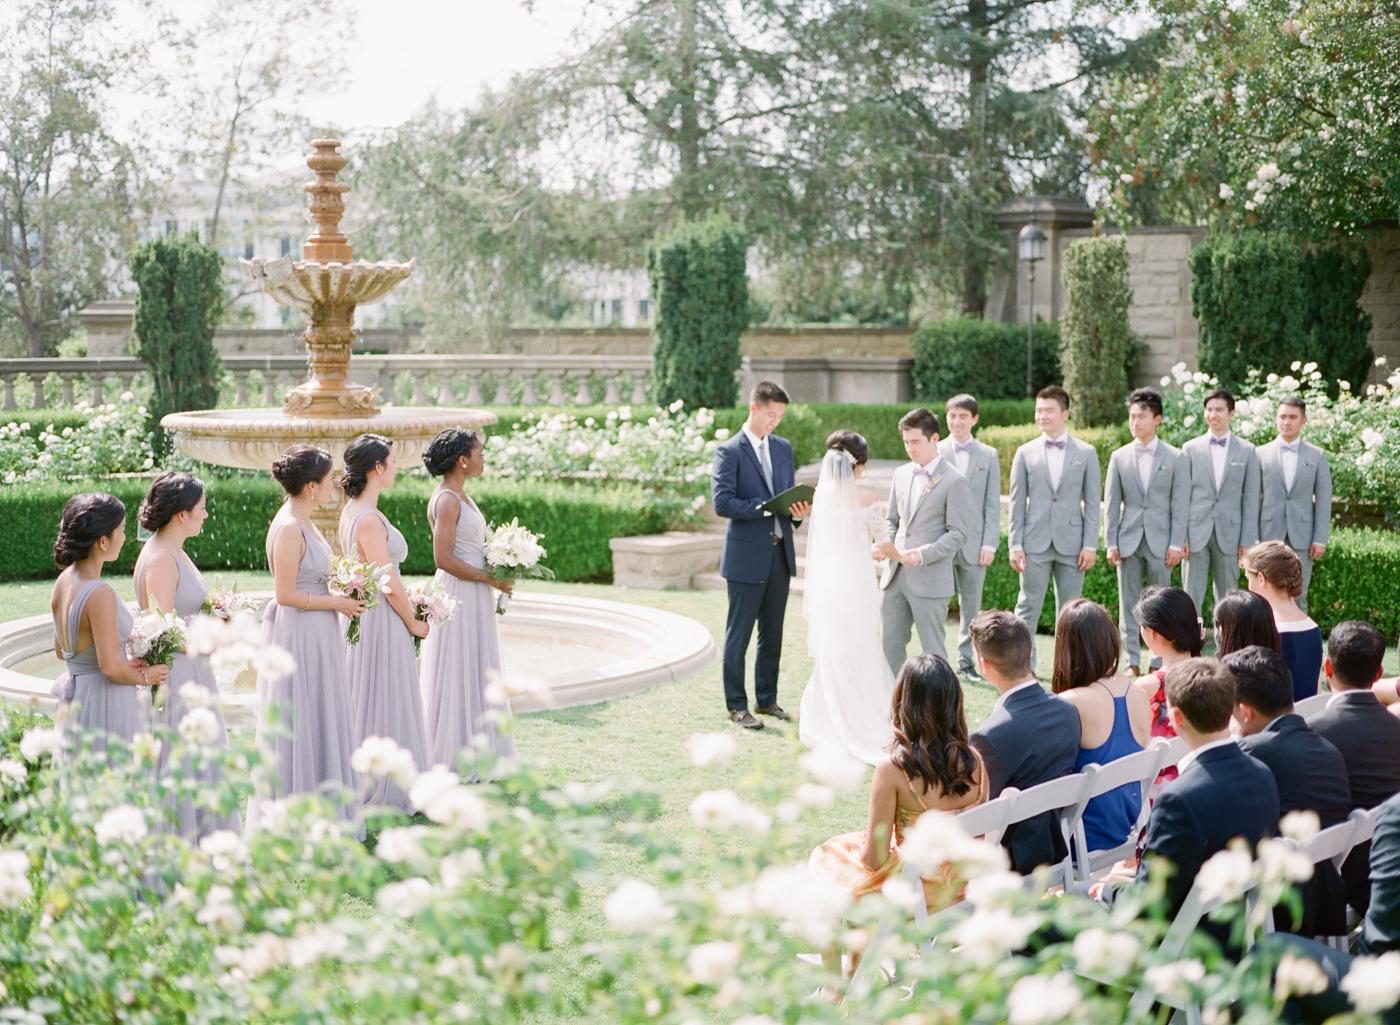 Greystone_Mansion_Wedding_Fine_Art_Film_Wedding_Photography_AKP-24.jpg